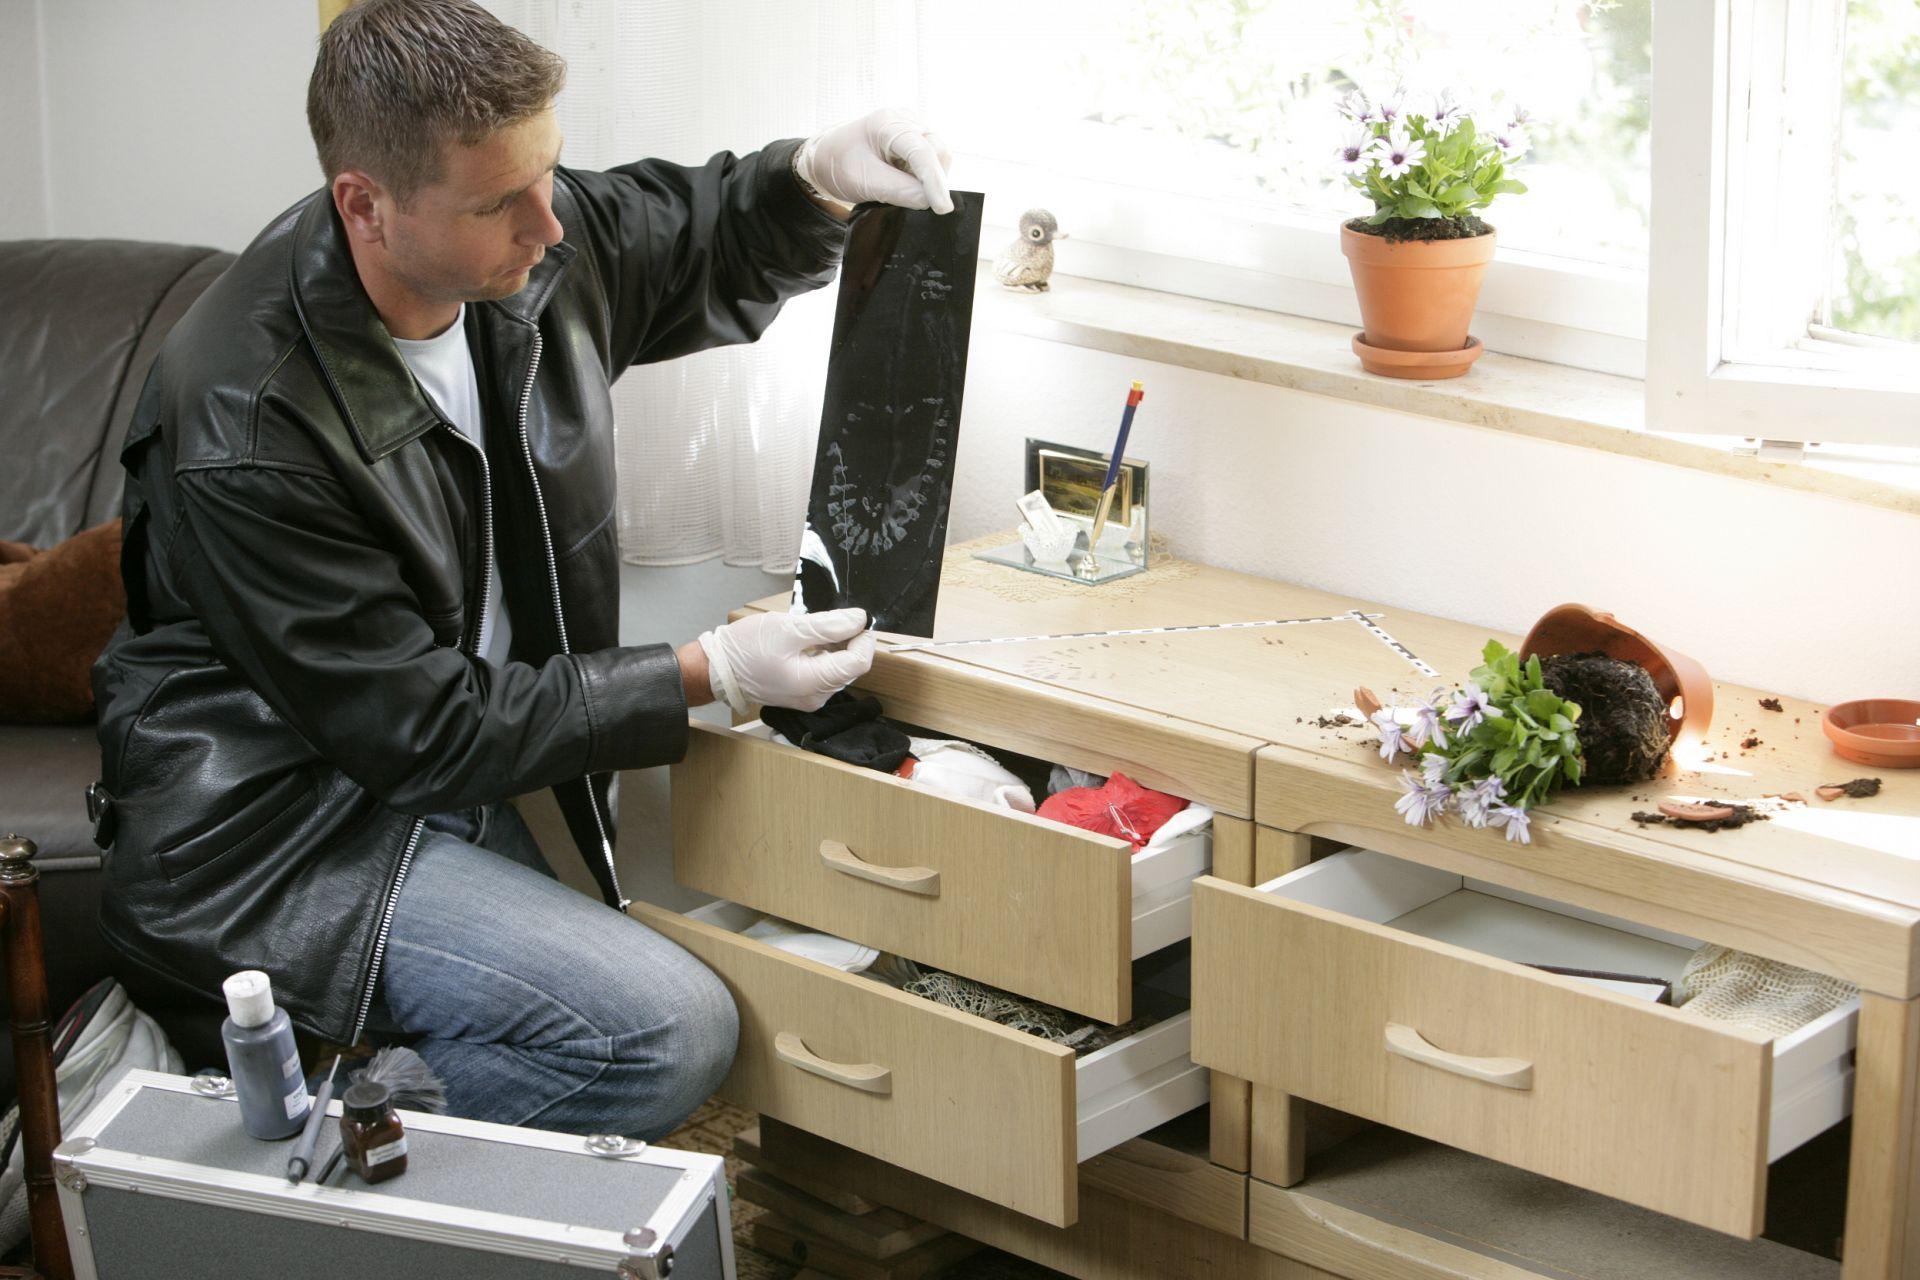 pol hm einbr che in wohnh user einbruchschutz wirkt polizei l dt zu infoveranstaltungen ein. Black Bedroom Furniture Sets. Home Design Ideas